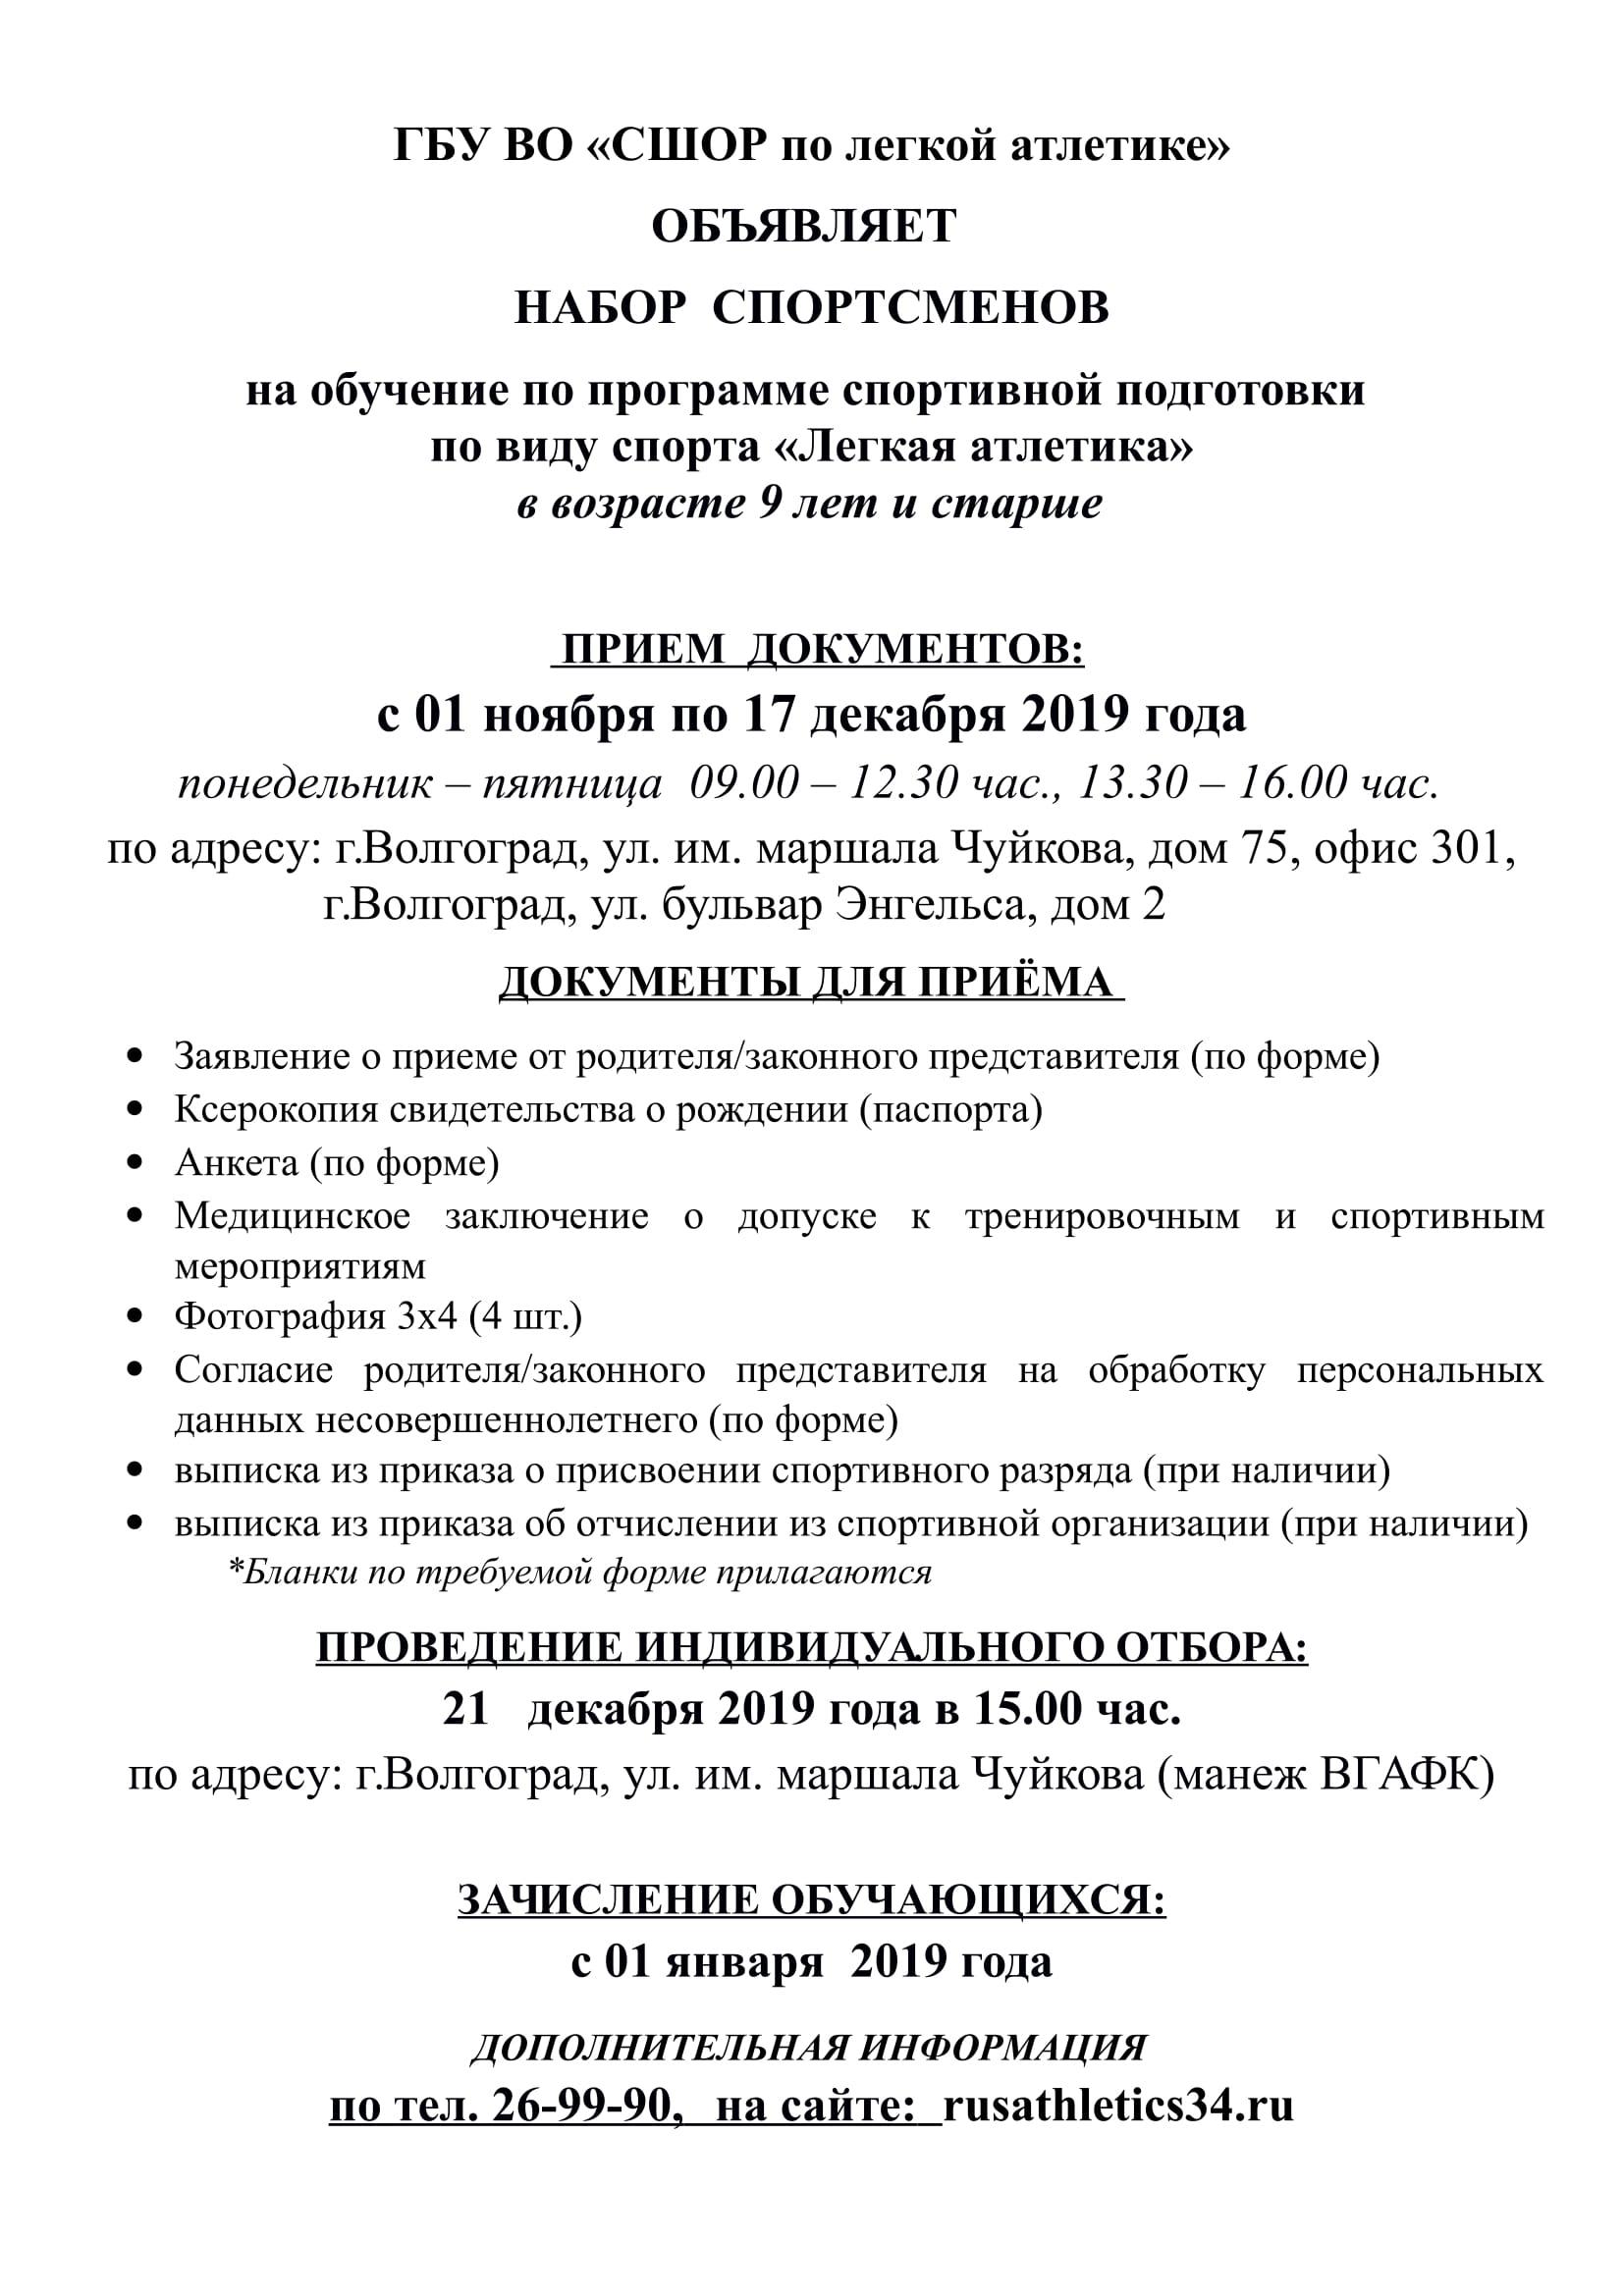 Объявление о наборе-1